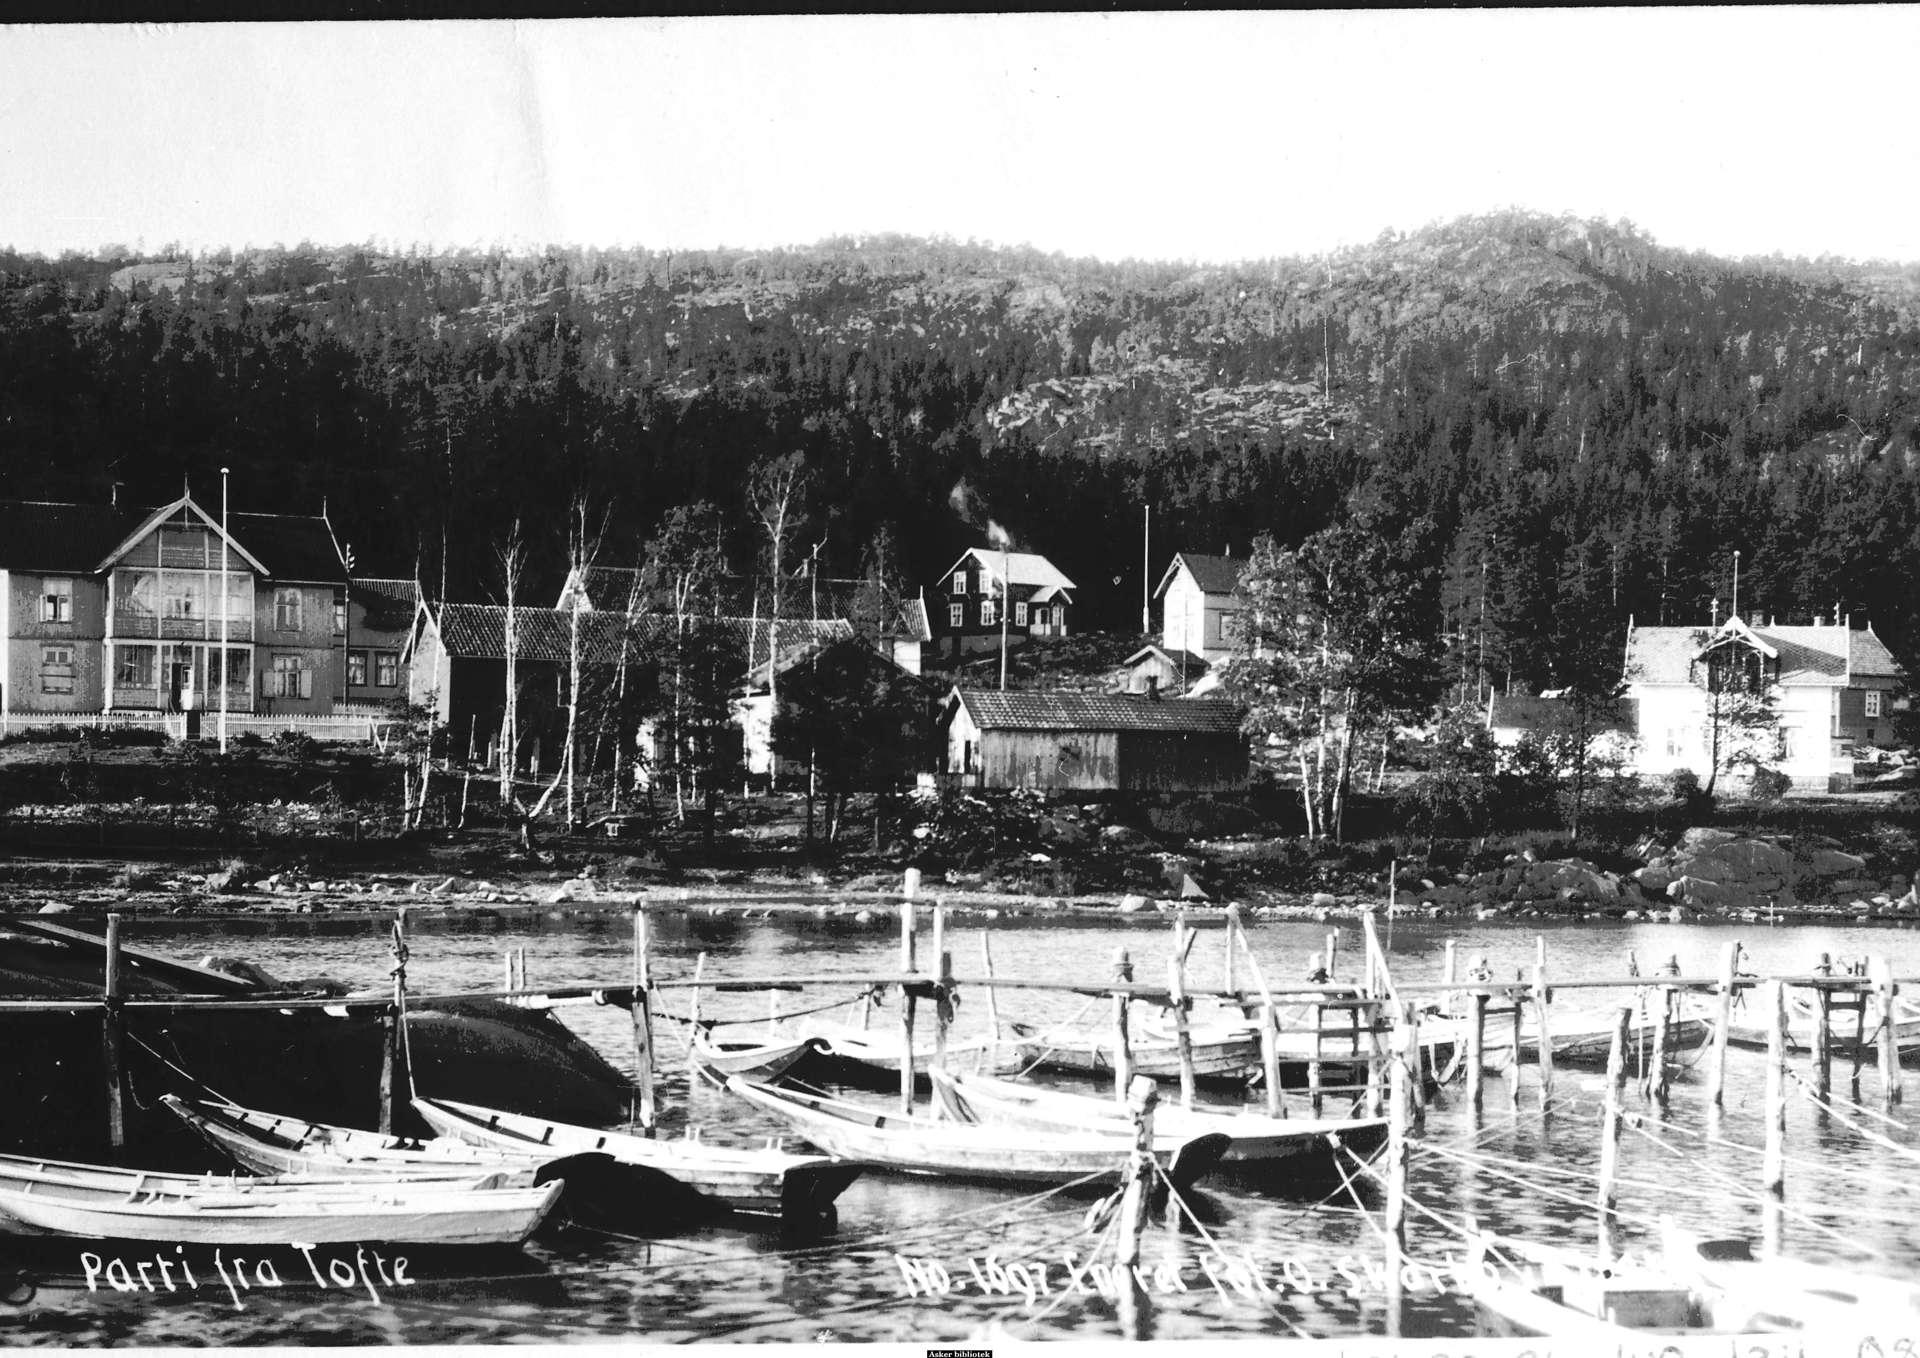 Tofte båthavn 1925.jpg